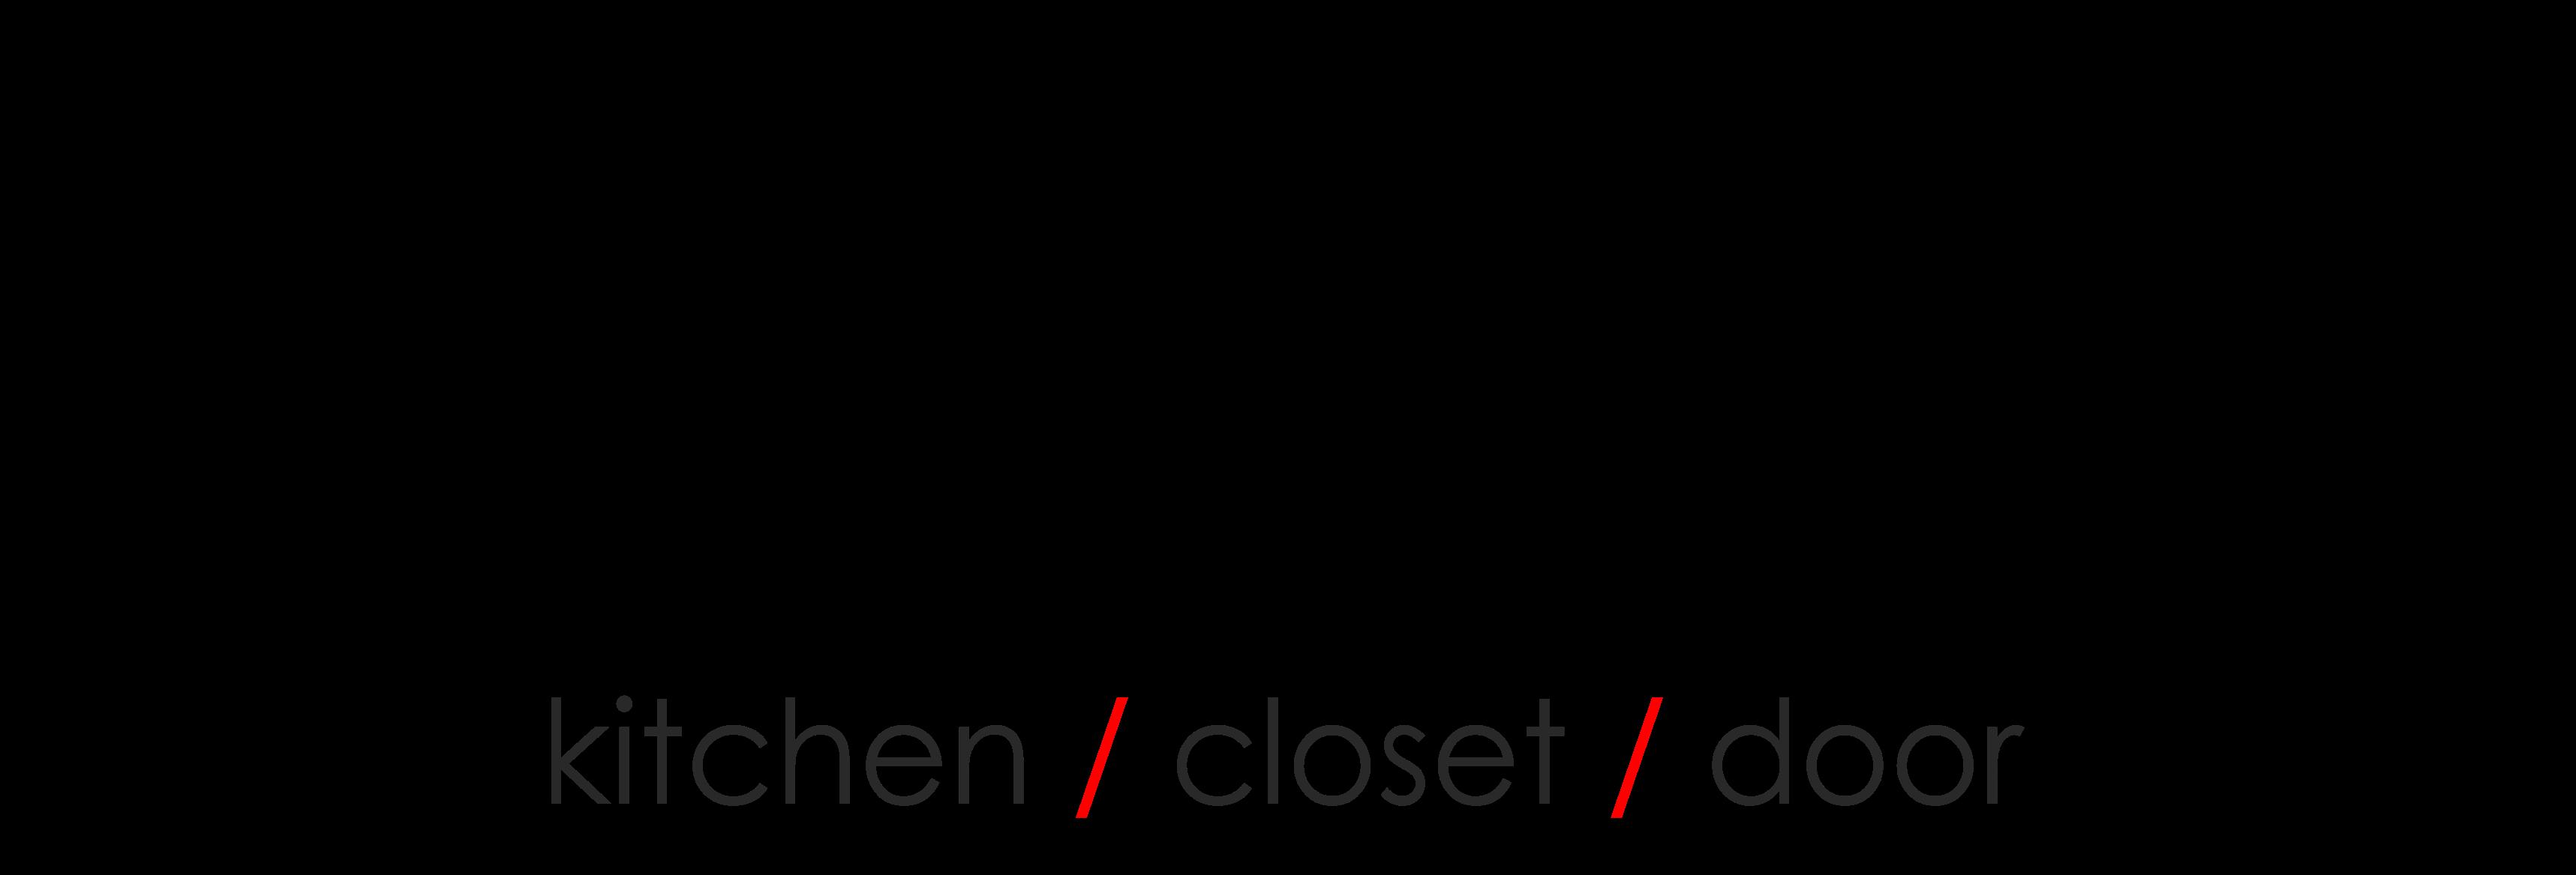 Mόbel kitchen closet door